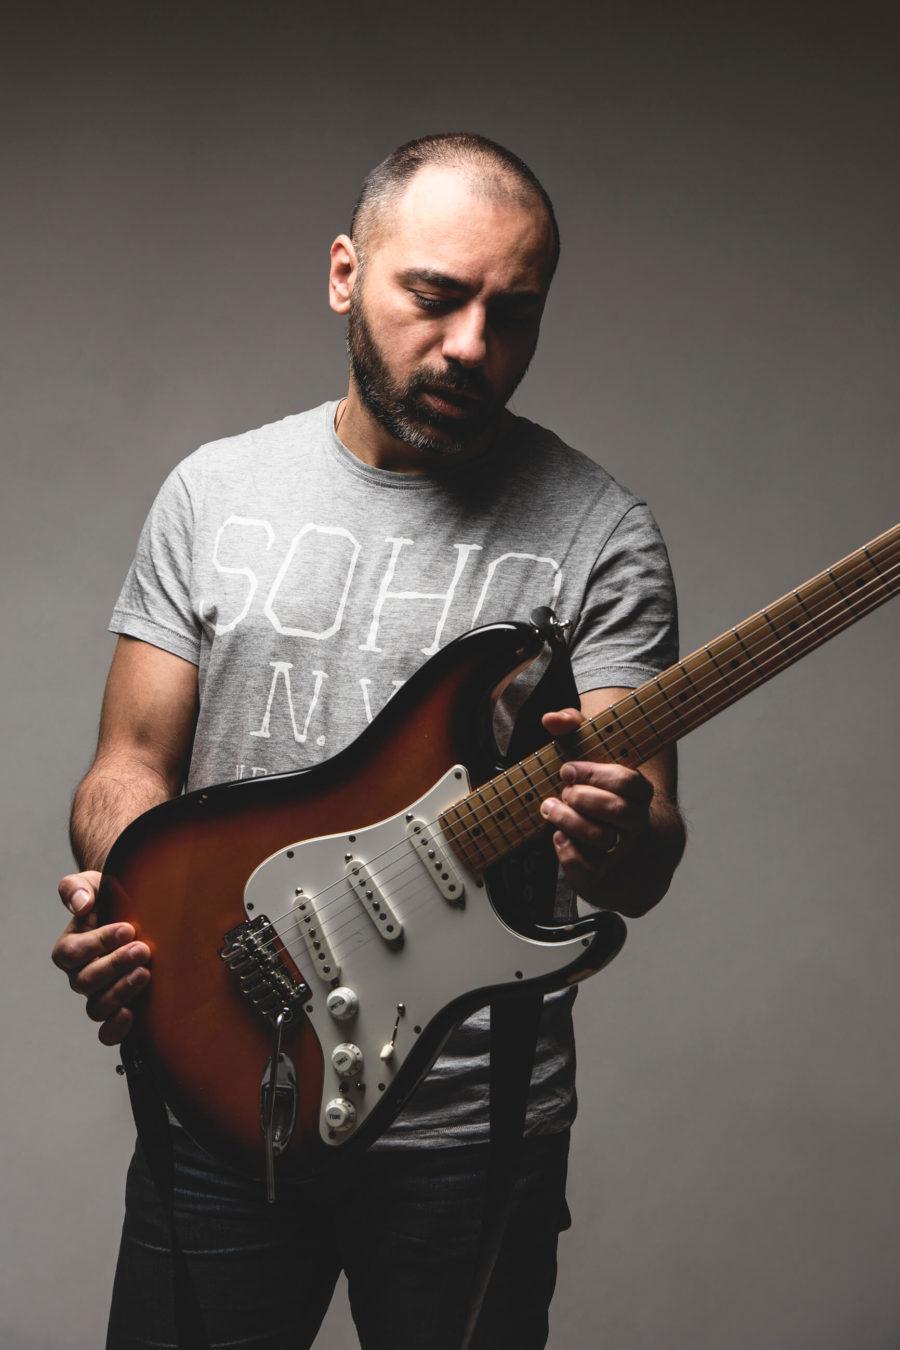 Lorenzo Carancini Posa strato strumenti musicali